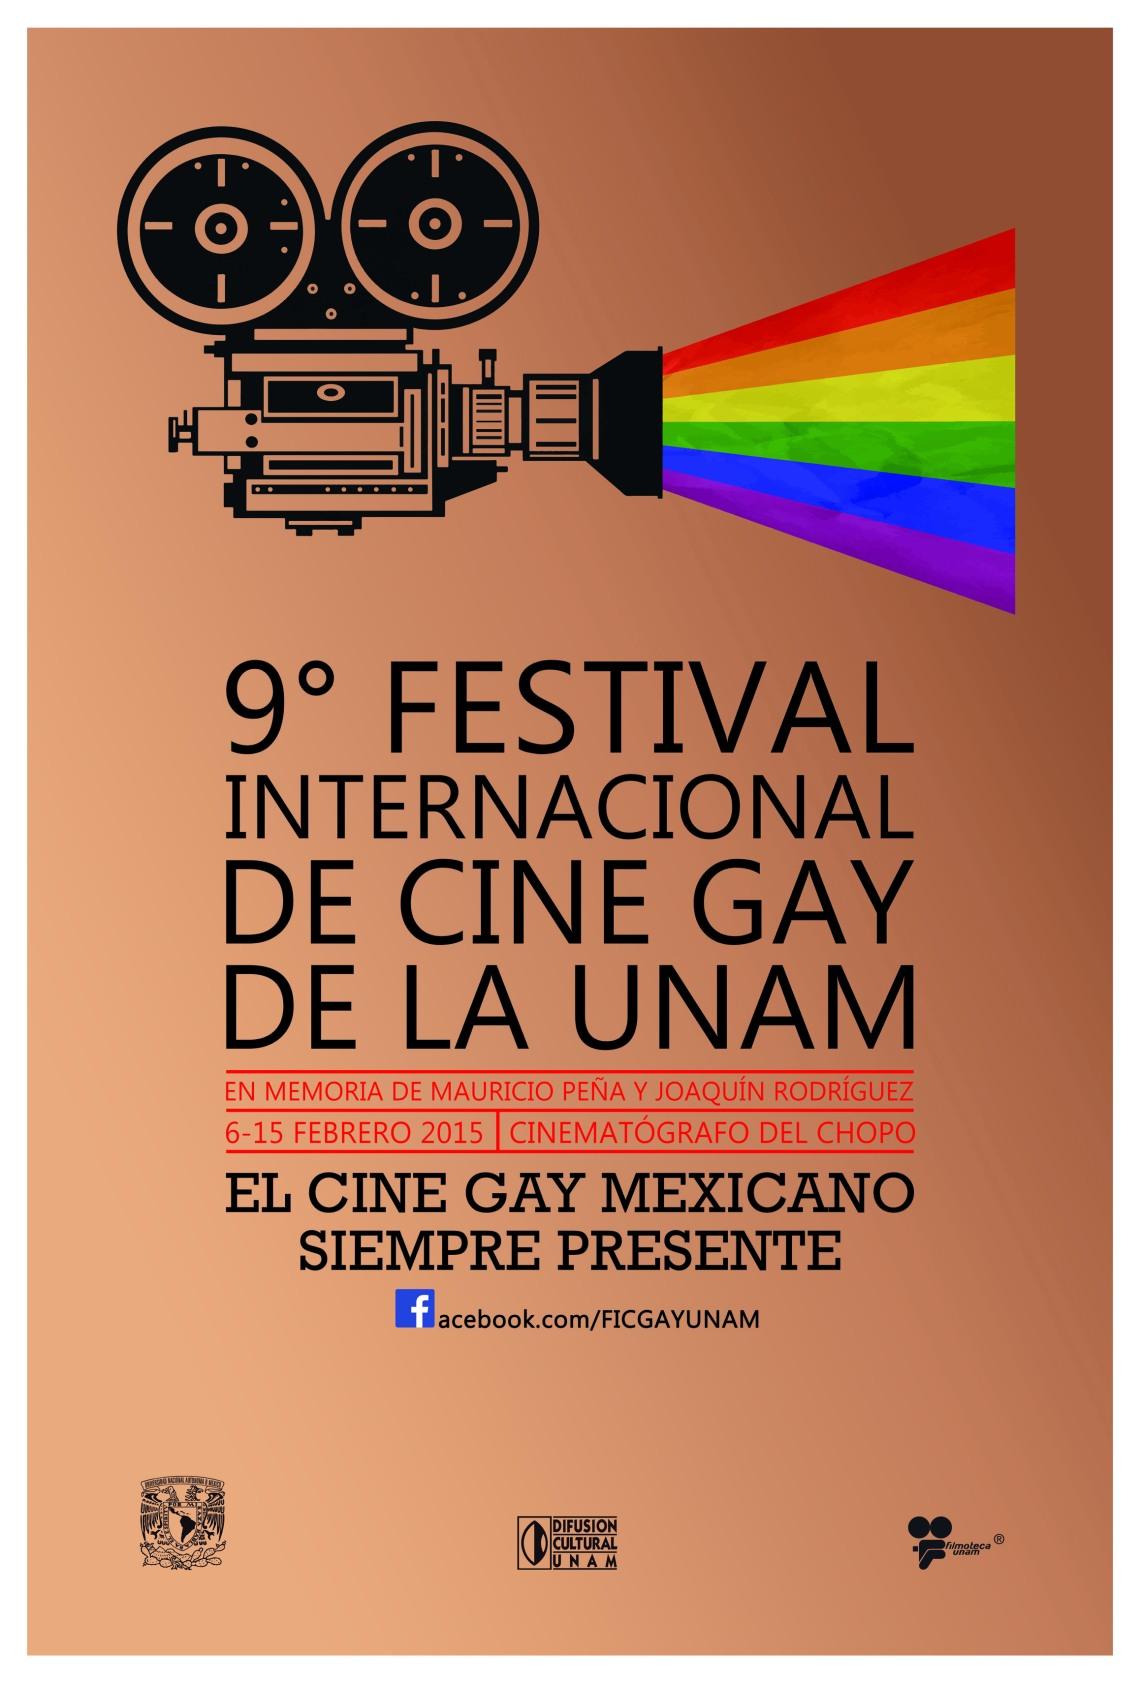 Cartel-Oficial-FICGAY-UNAM-Prensa